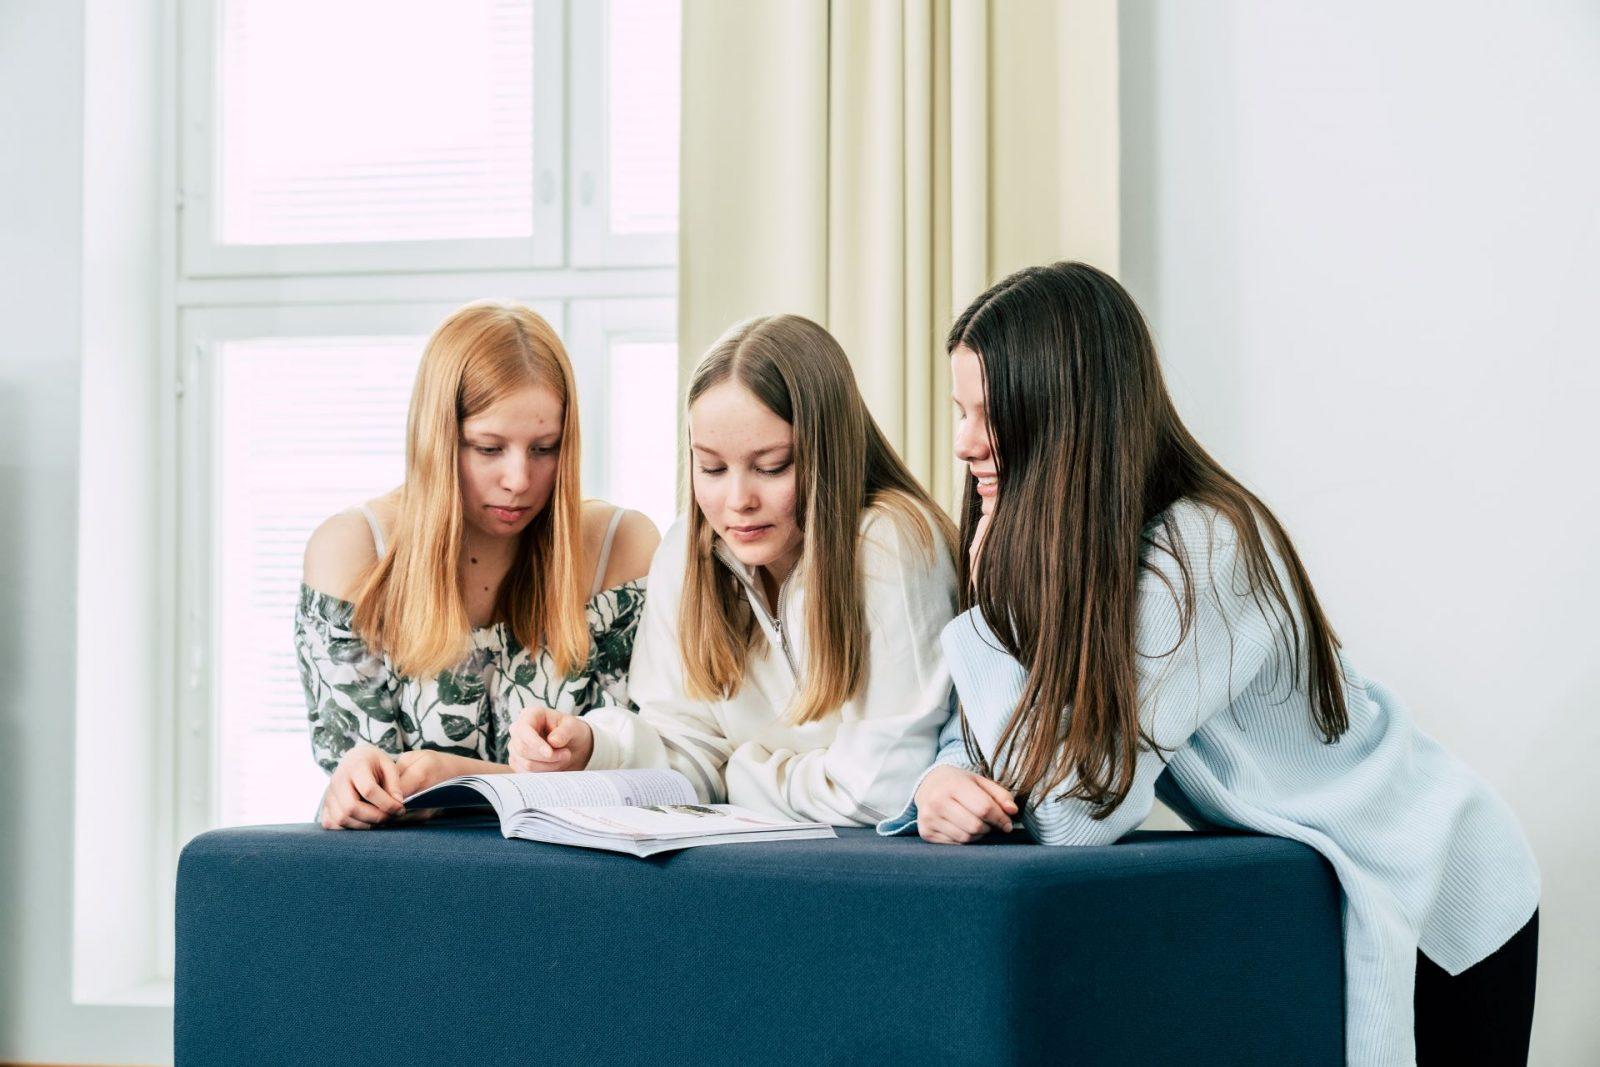 Nuoret opiskelevat yhdessä